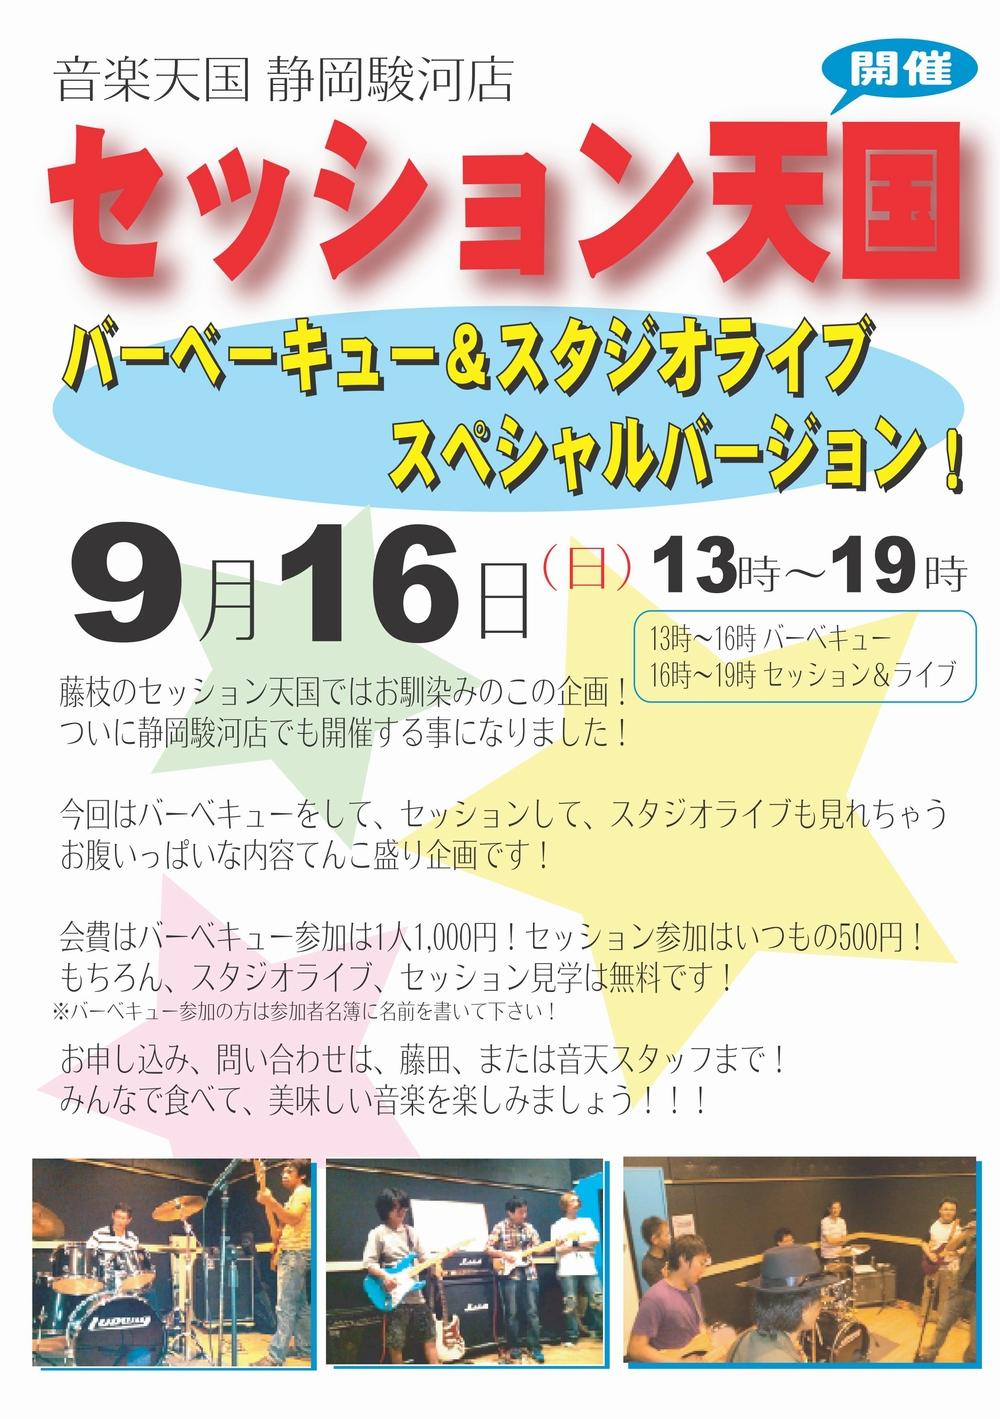 セッション天国スペシャル@静岡駿河店9月16日(日)開催!